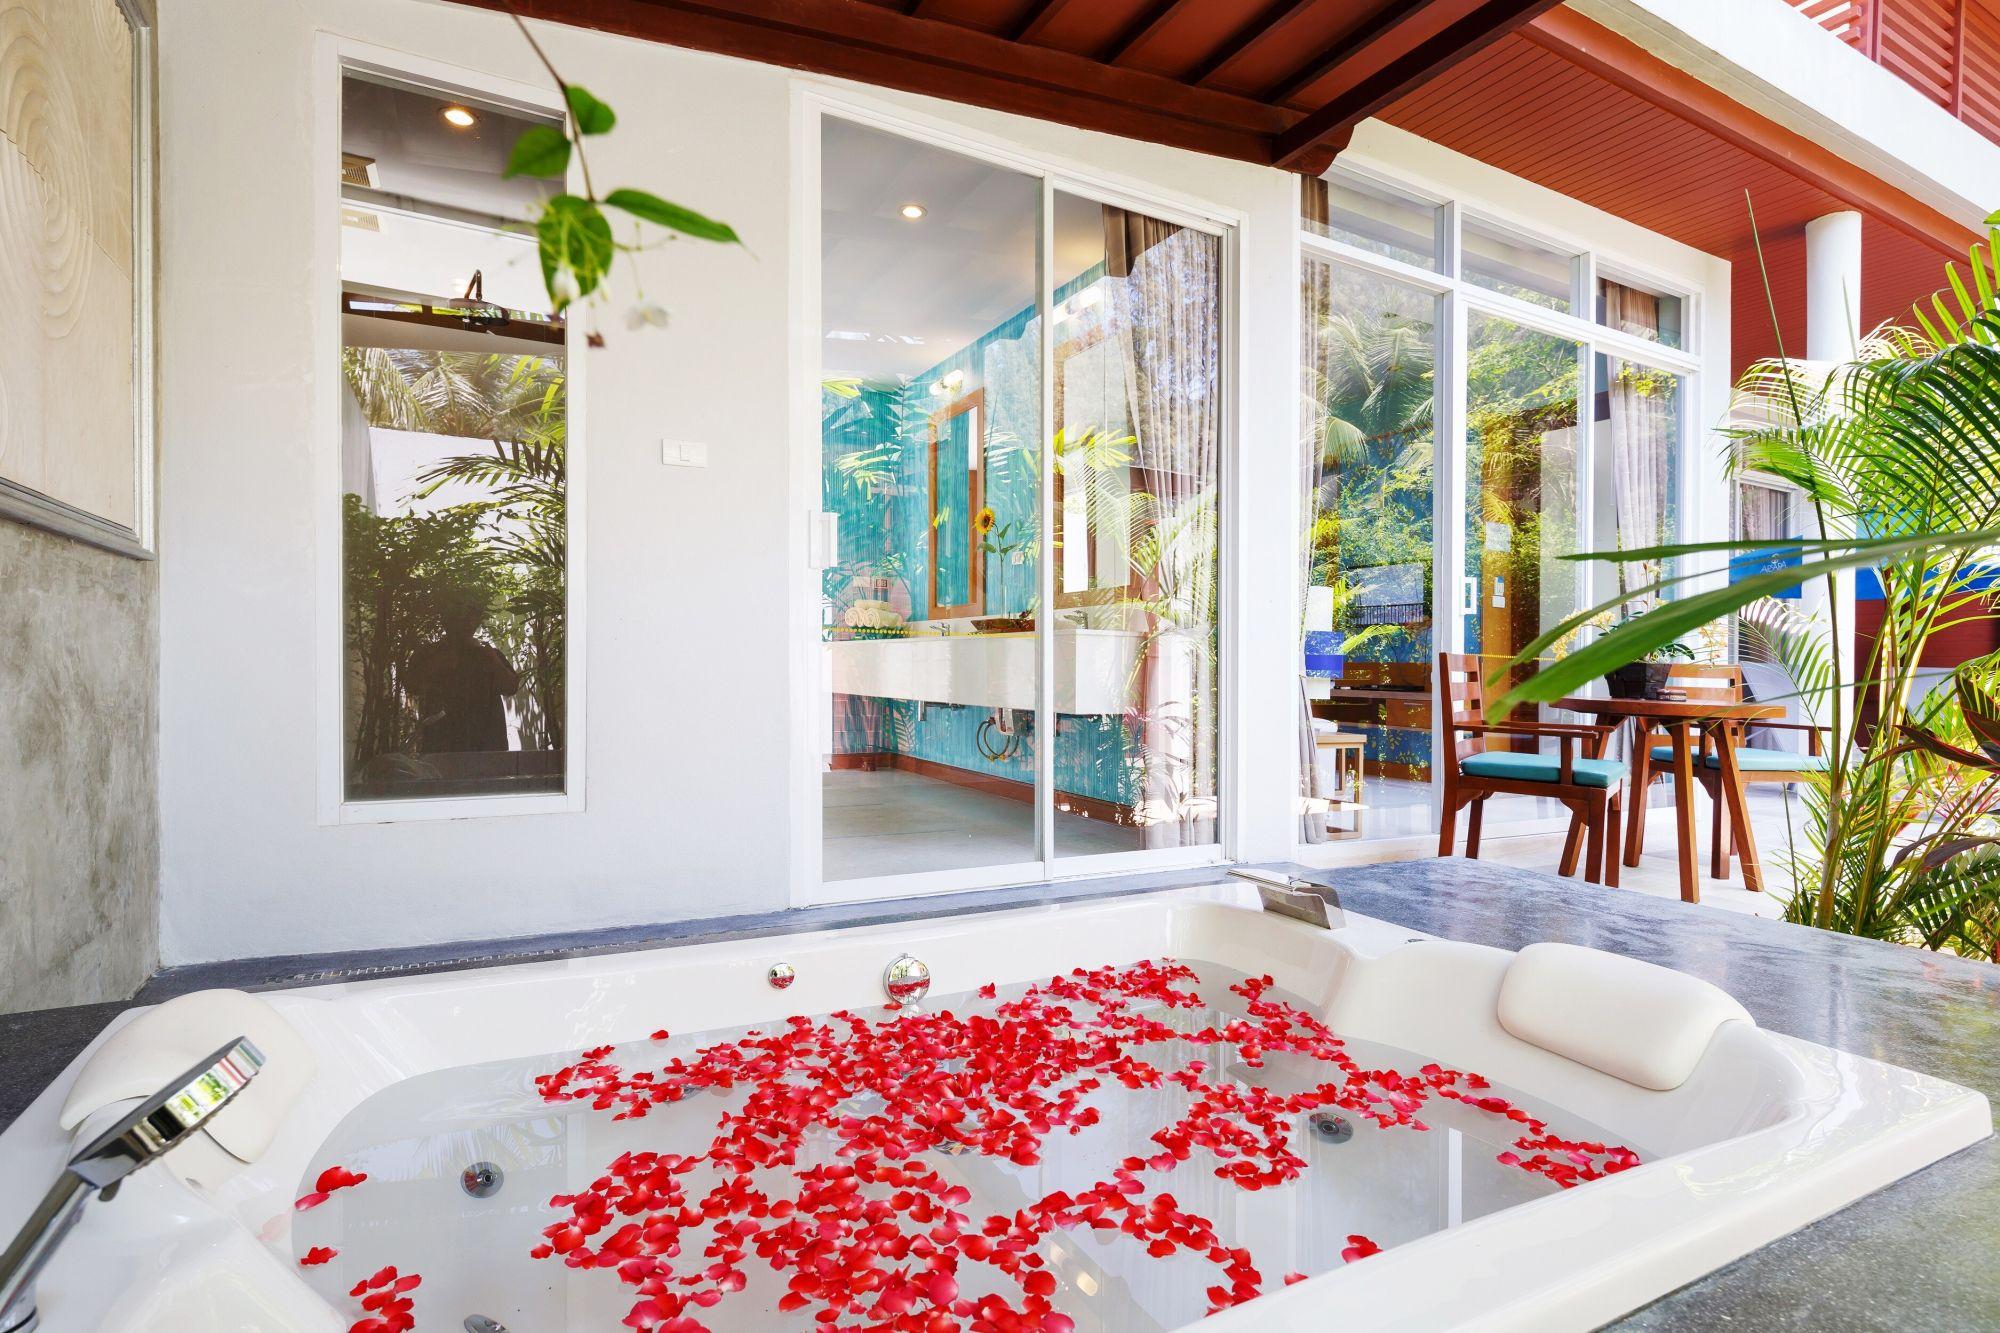 Blog artikel 'Op huwelijksreis naar Thailand'